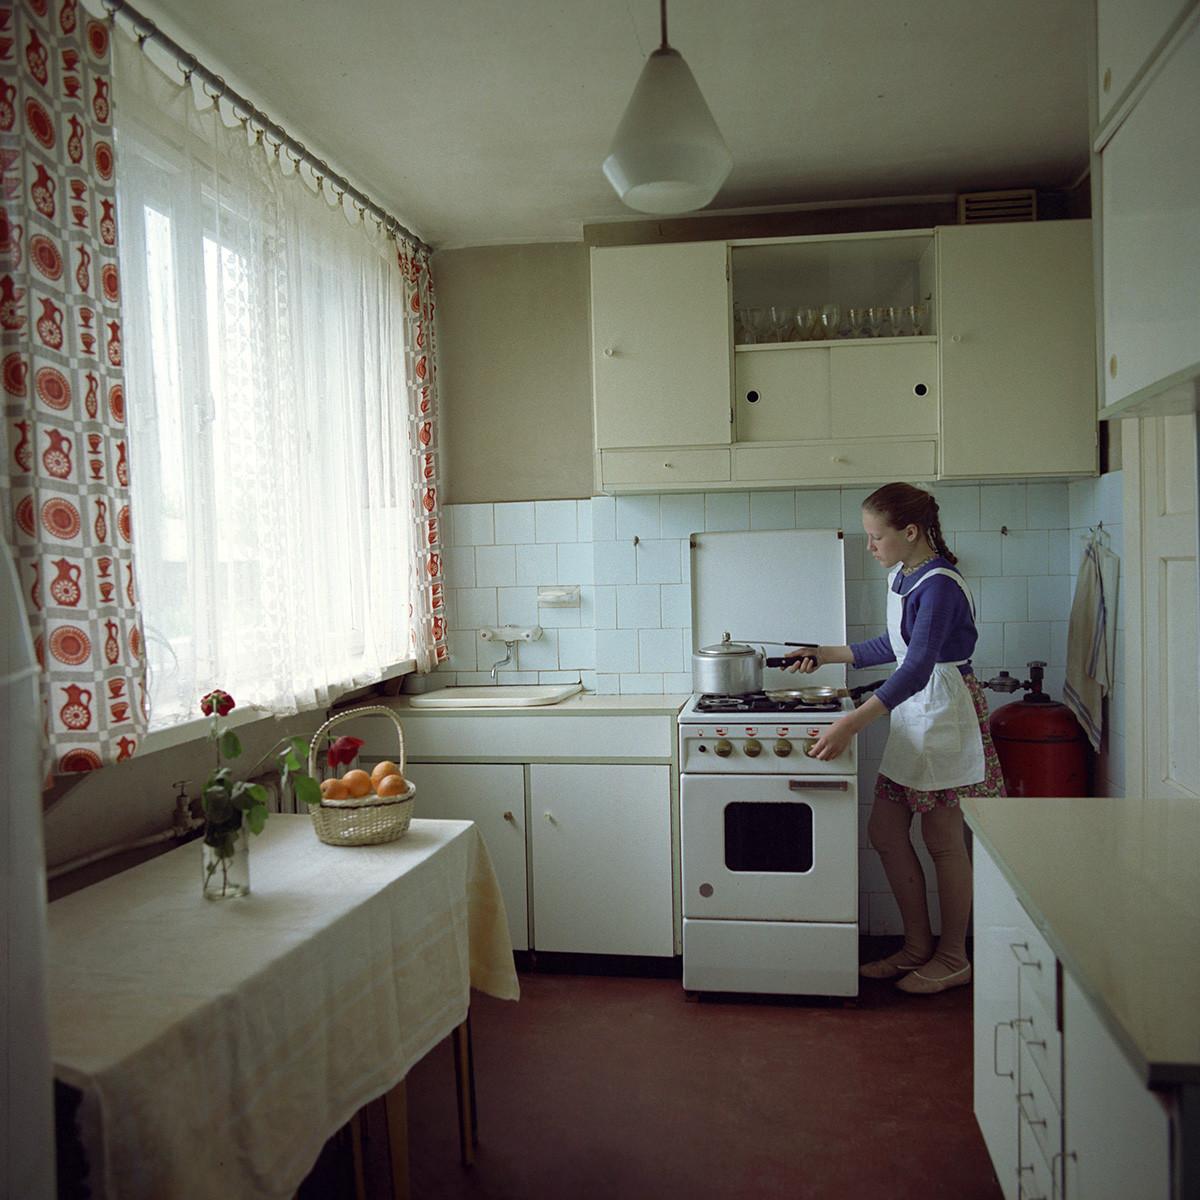 Кухиња житеља Летонске ССР.